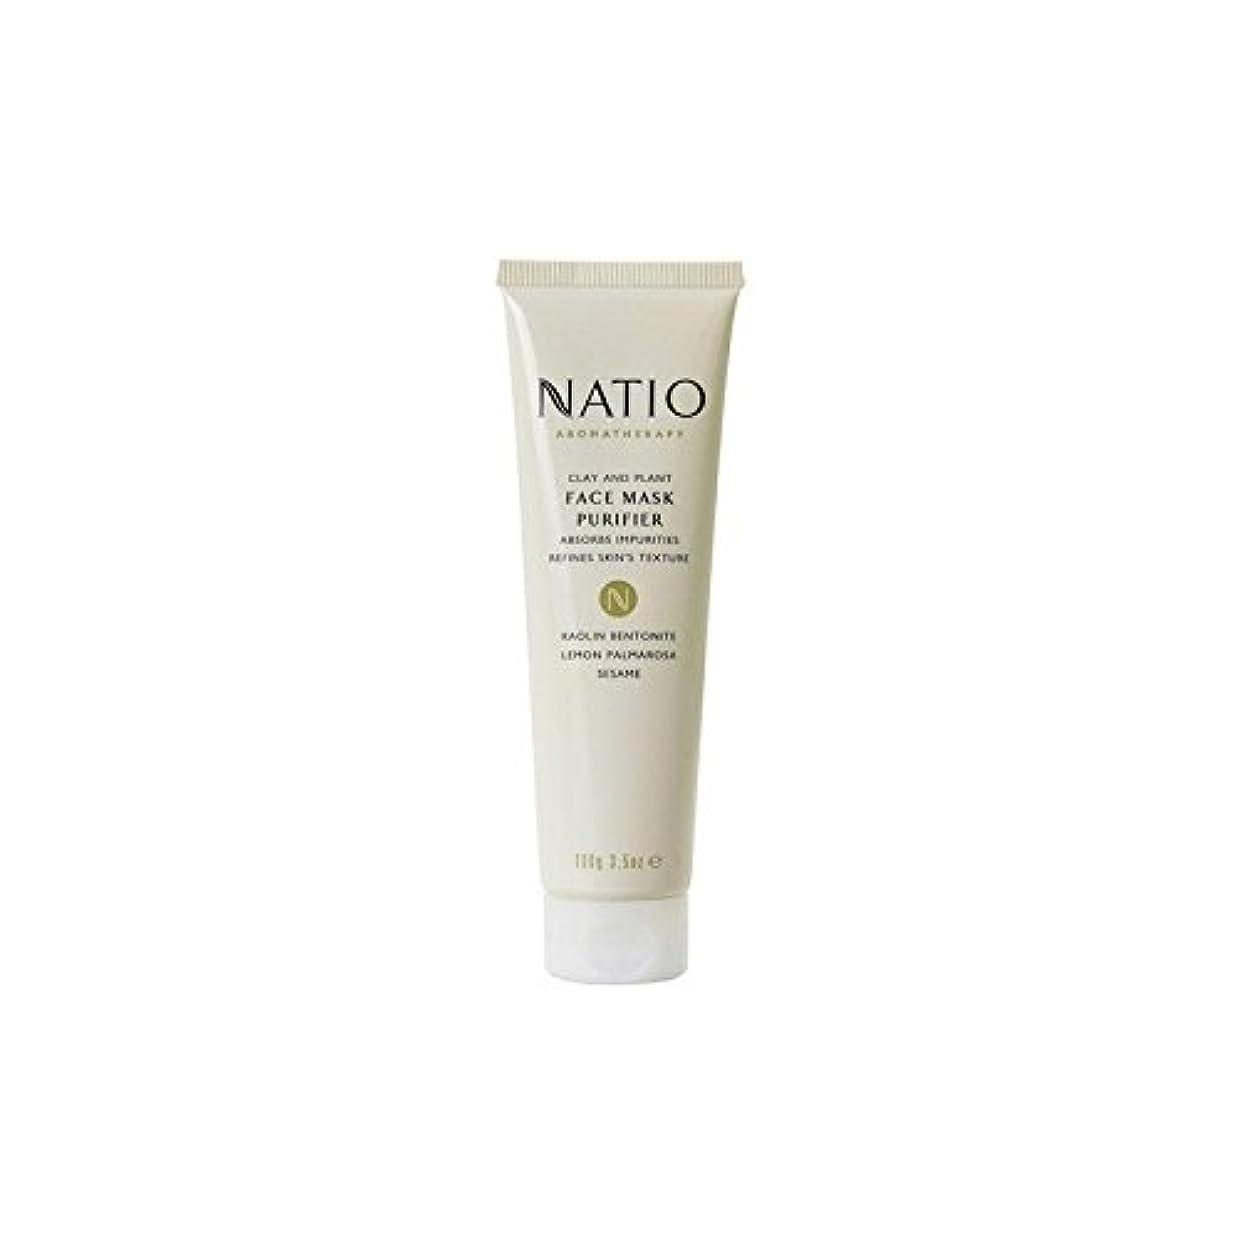 剃る留め金引き受けるNatio Clay & Plant Face Mask Purifier (100G) (Pack of 6) - 粘土&植物フェイスマスクの浄化(100グラム) x6 [並行輸入品]